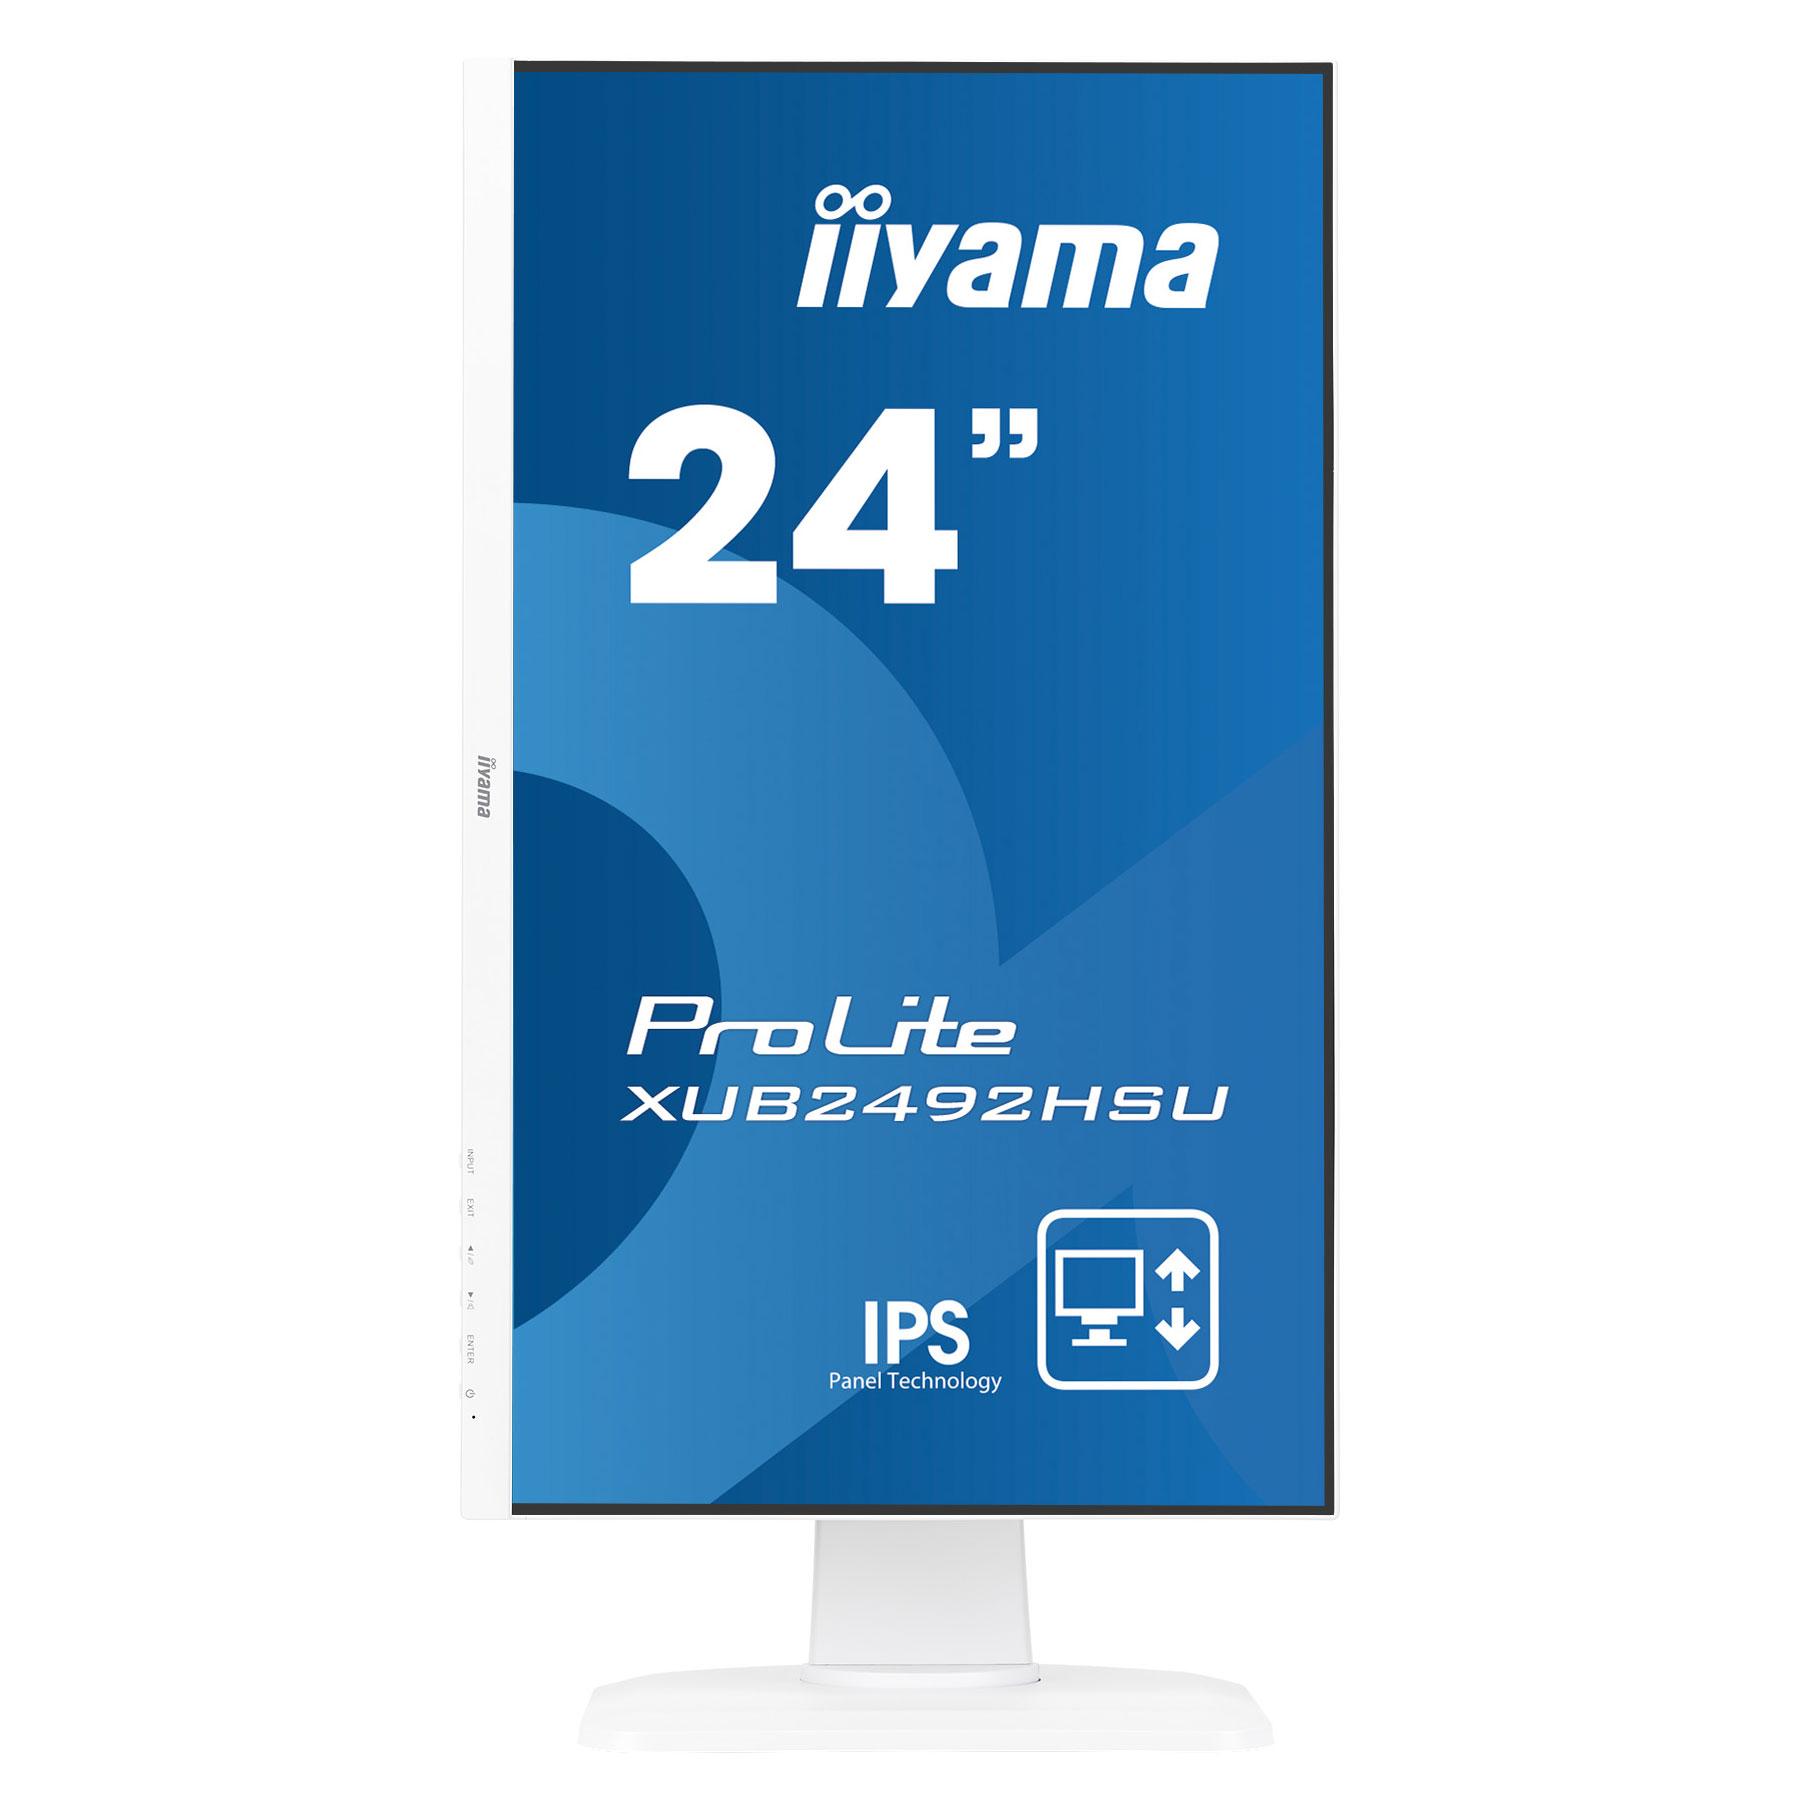 """Iiyama 24""""  XUB2492HSU-W1 - Ecran PC Iiyama - Cybertek.fr - 1"""